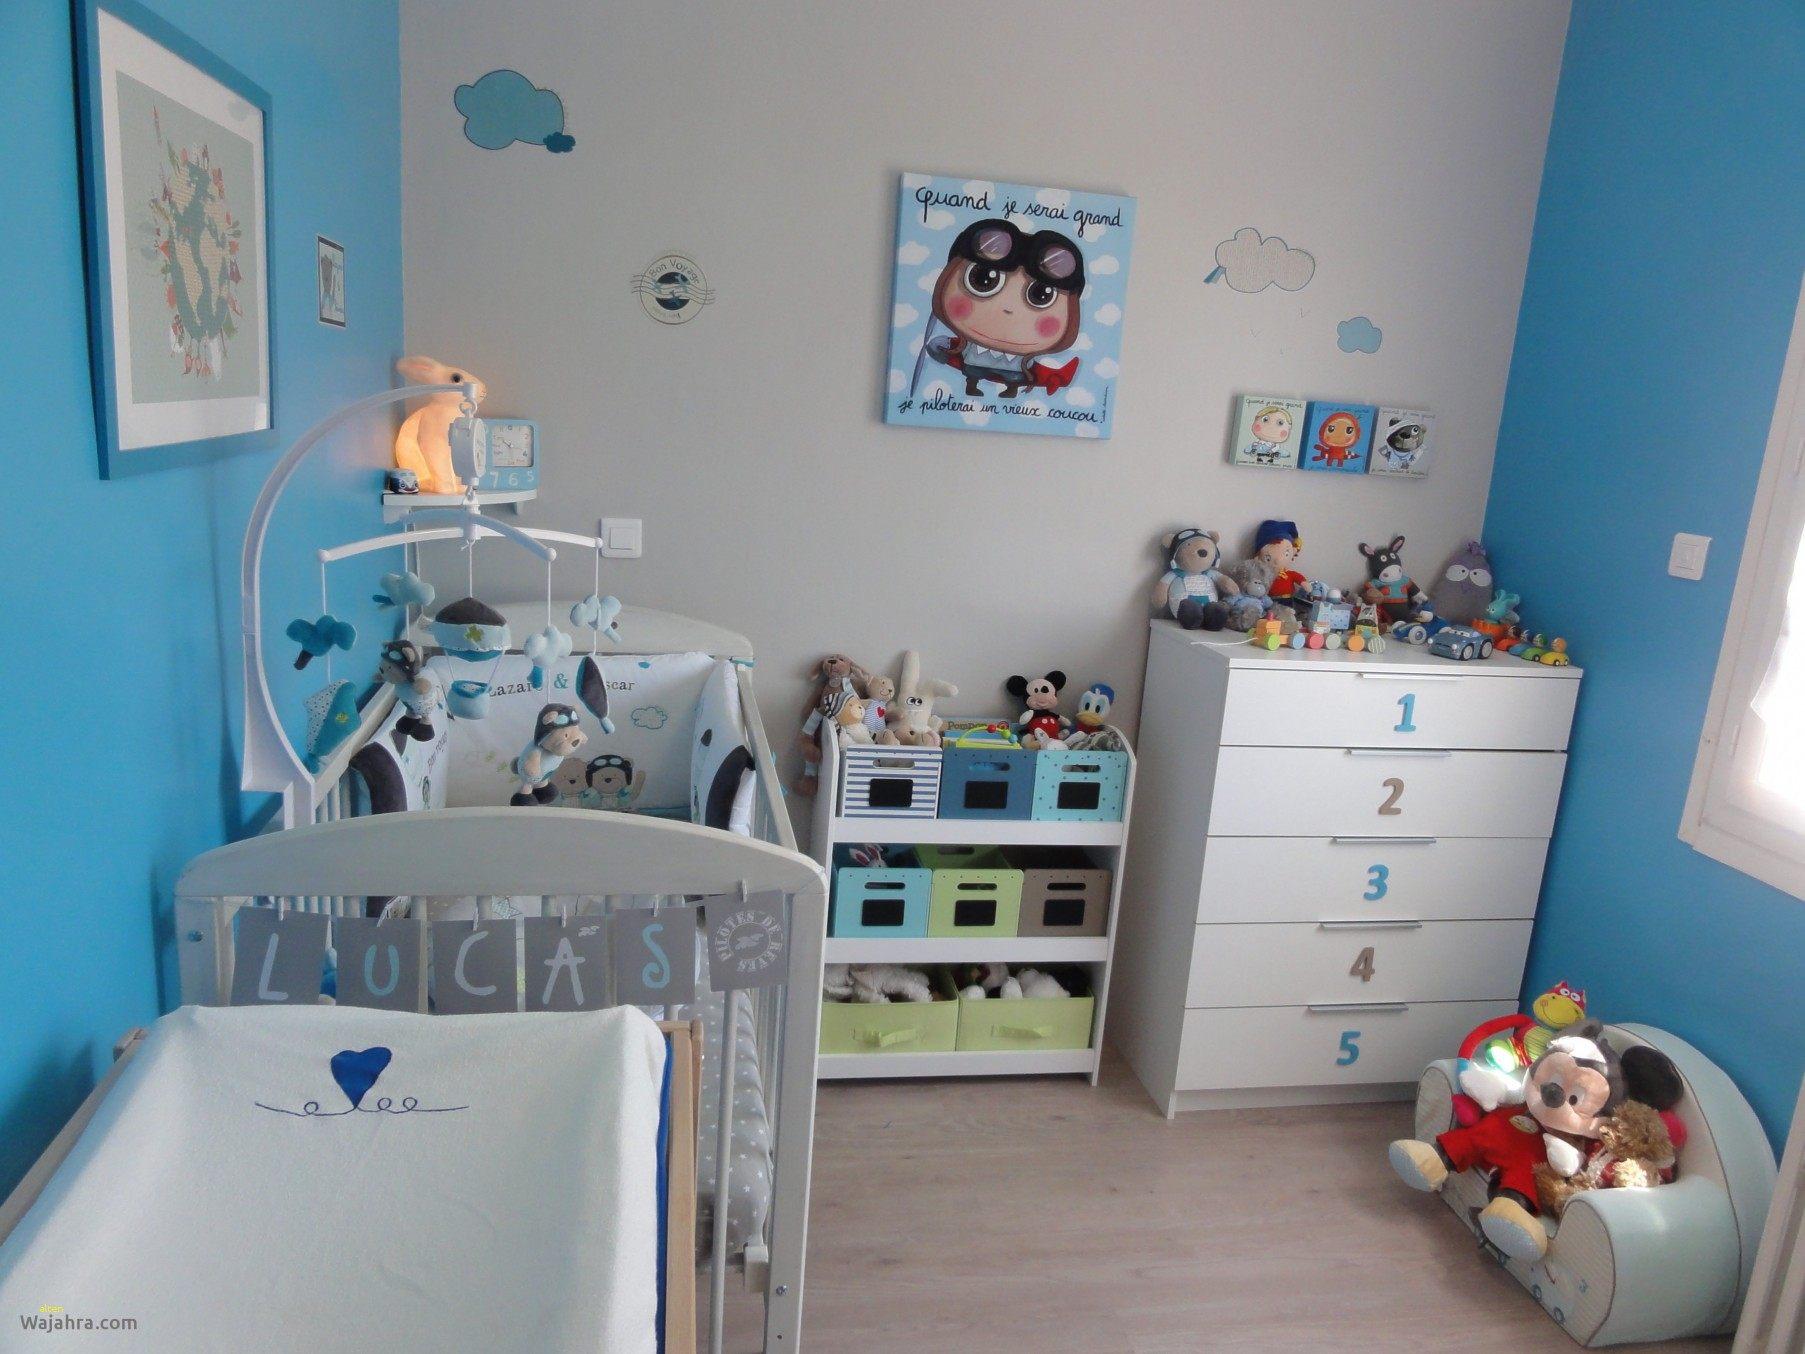 Stickers Lit Bébé Élégant Grande Baignoire Bébé Lovely Lit Bébé Fille Elégant Parc B C3 A9b C3